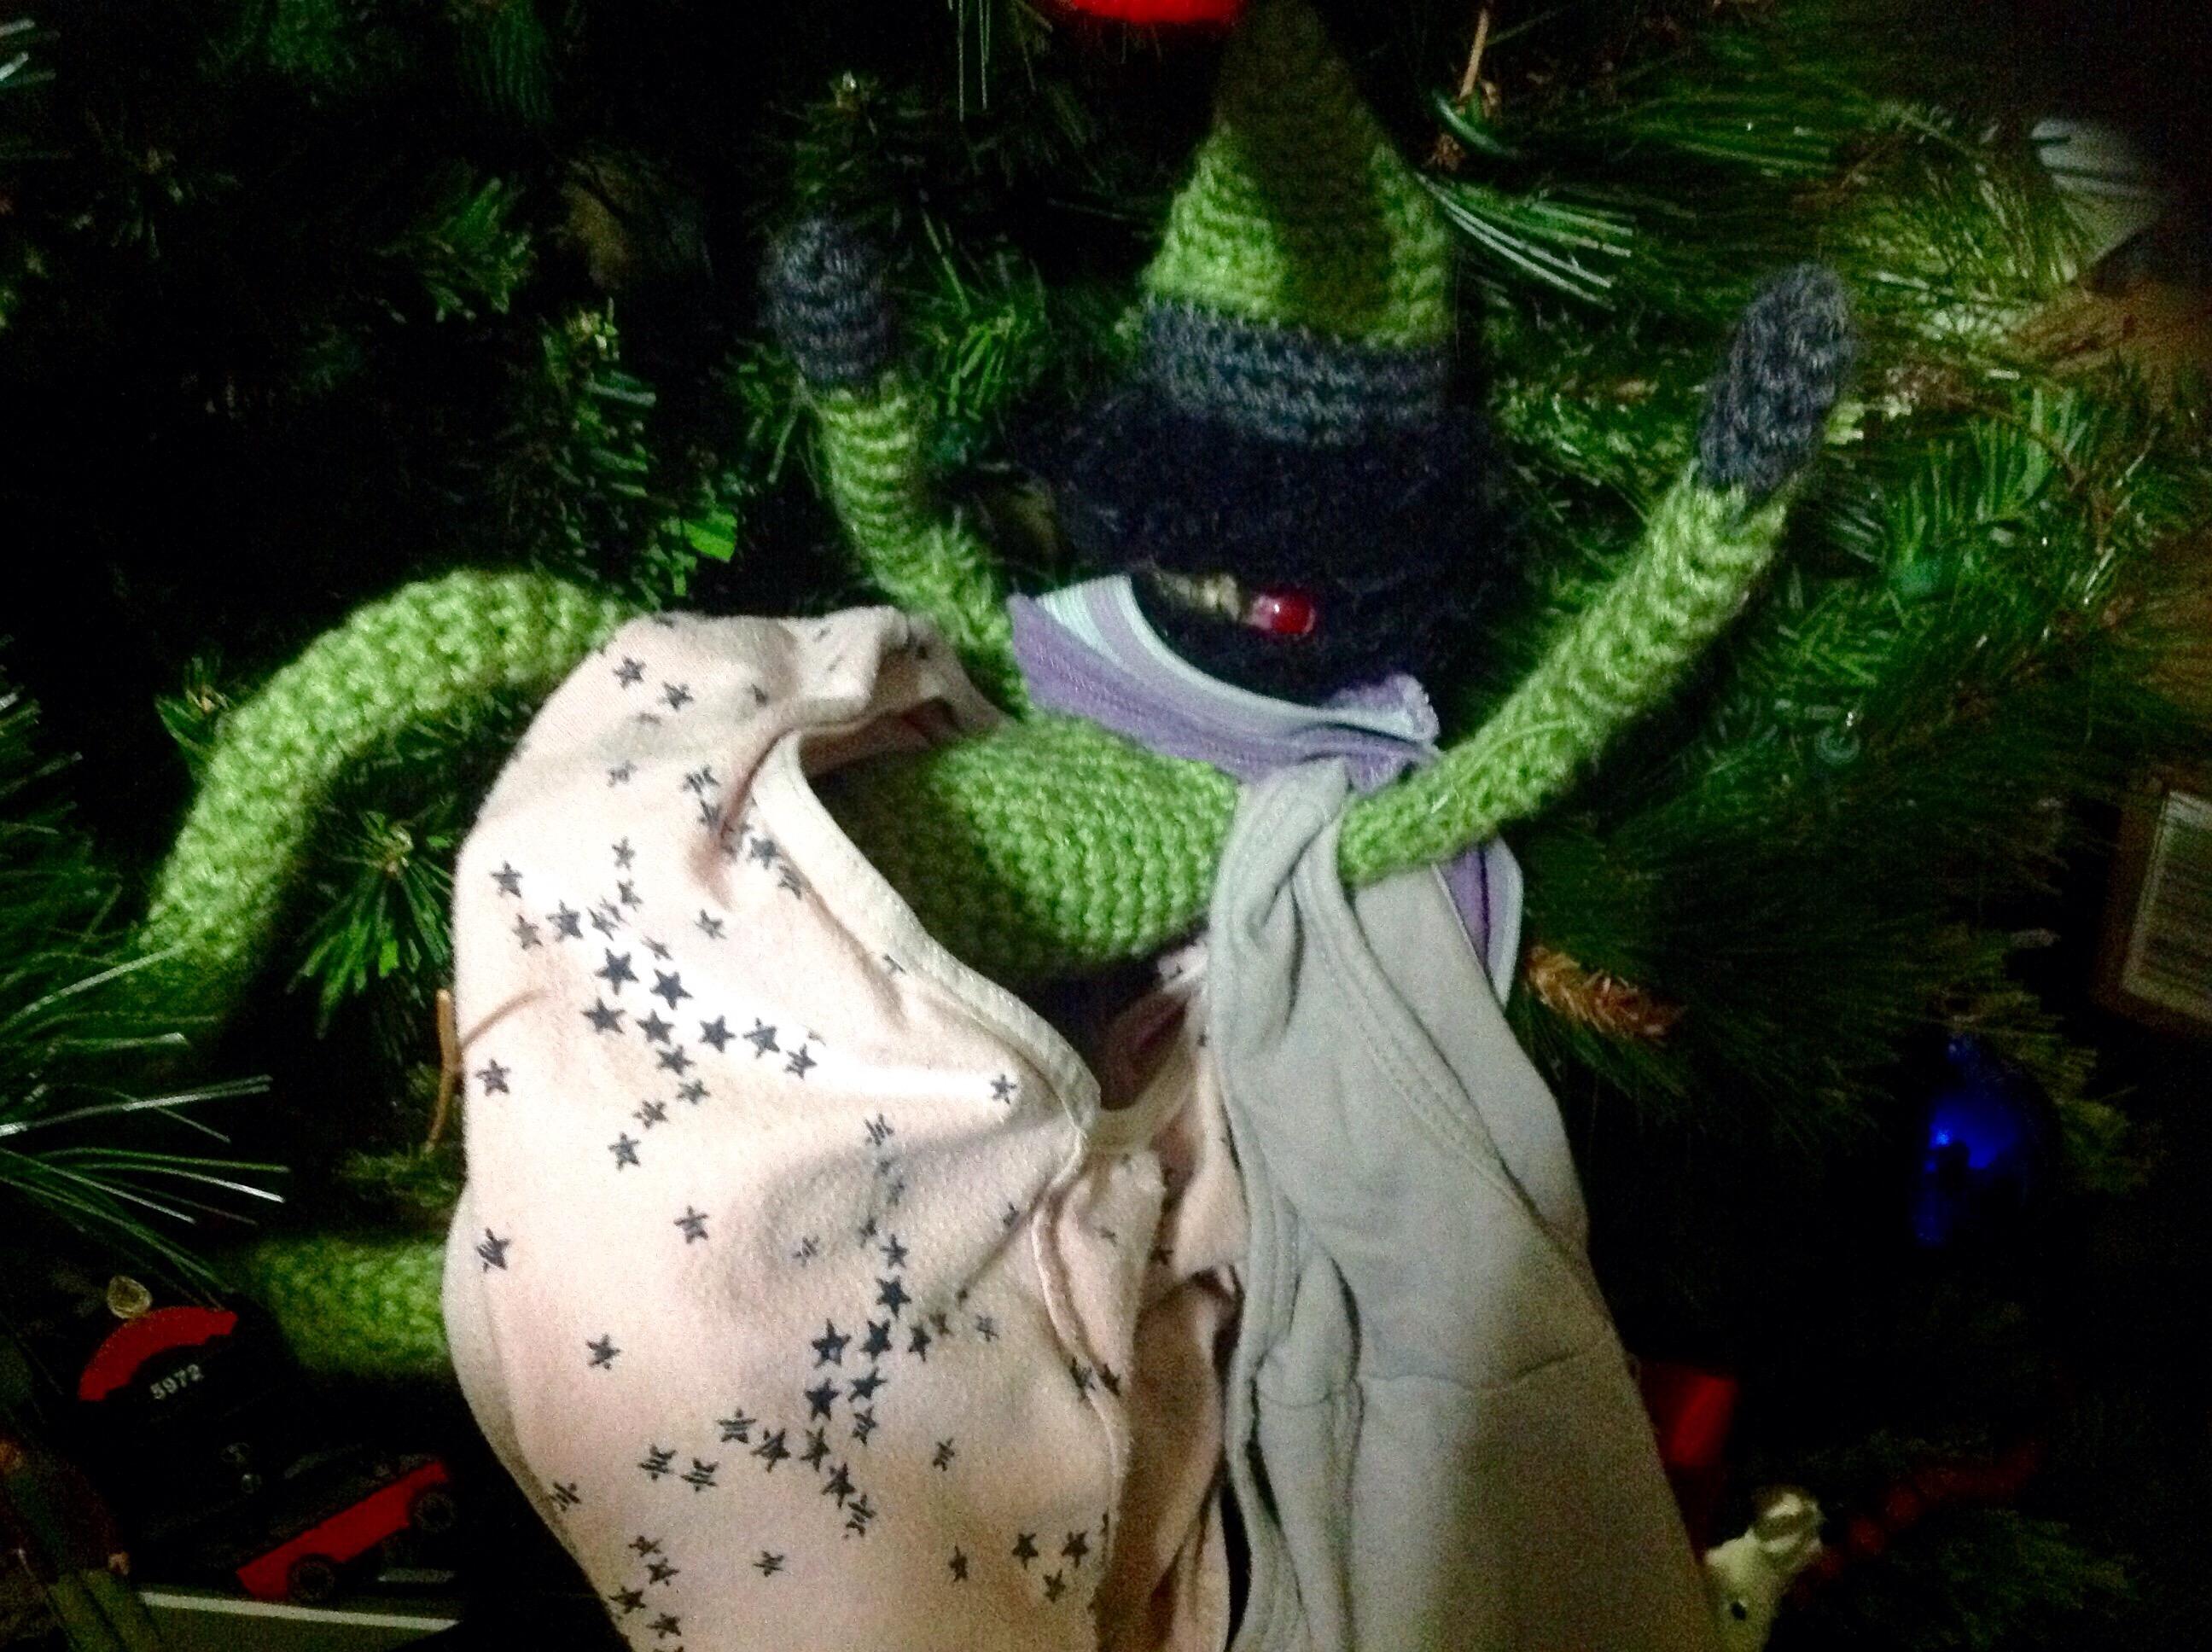 Green Krampus